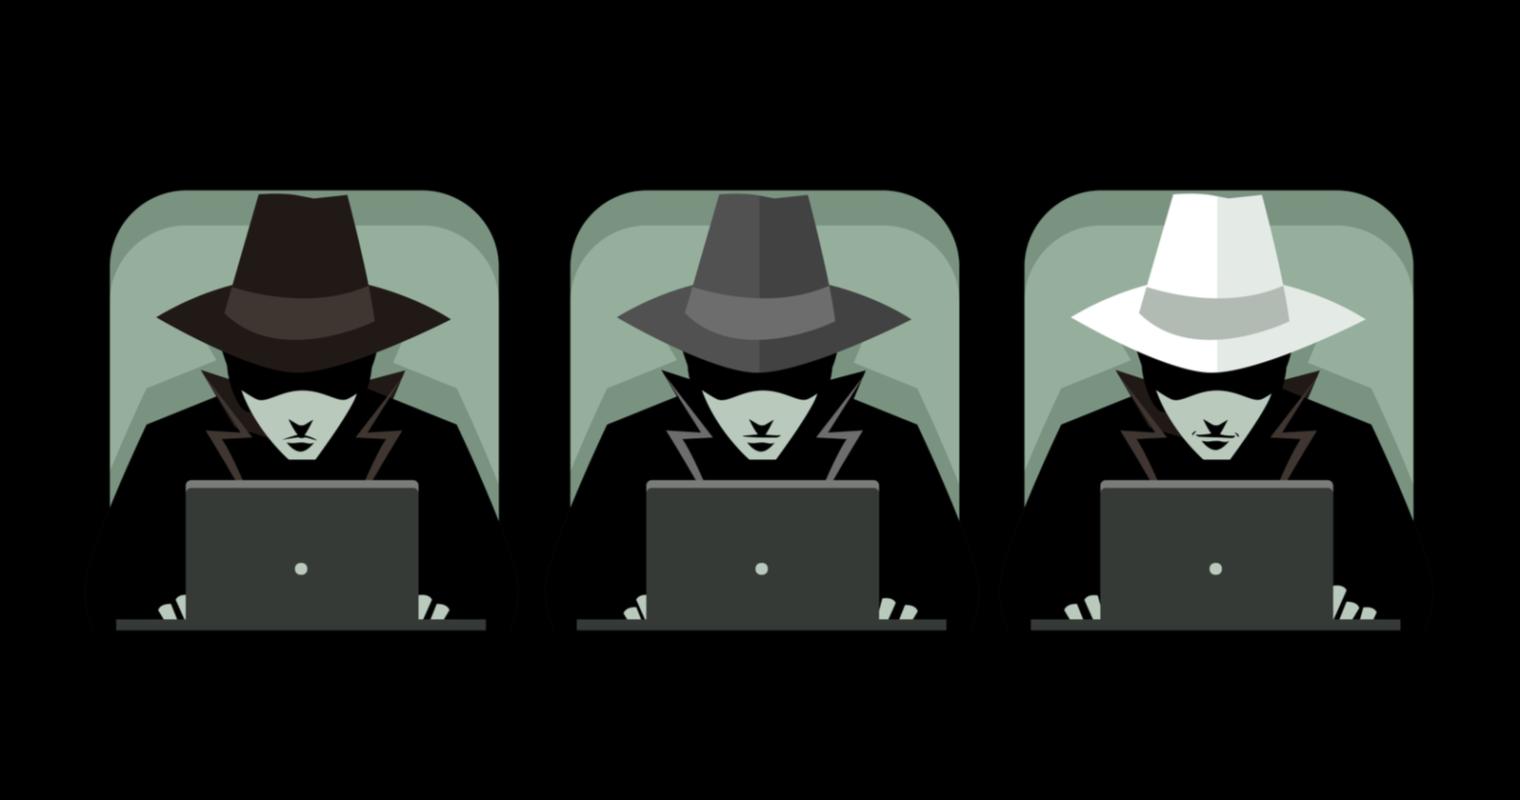 انواع روشهای سئو سایت – لطفاً جریمه نشوید!